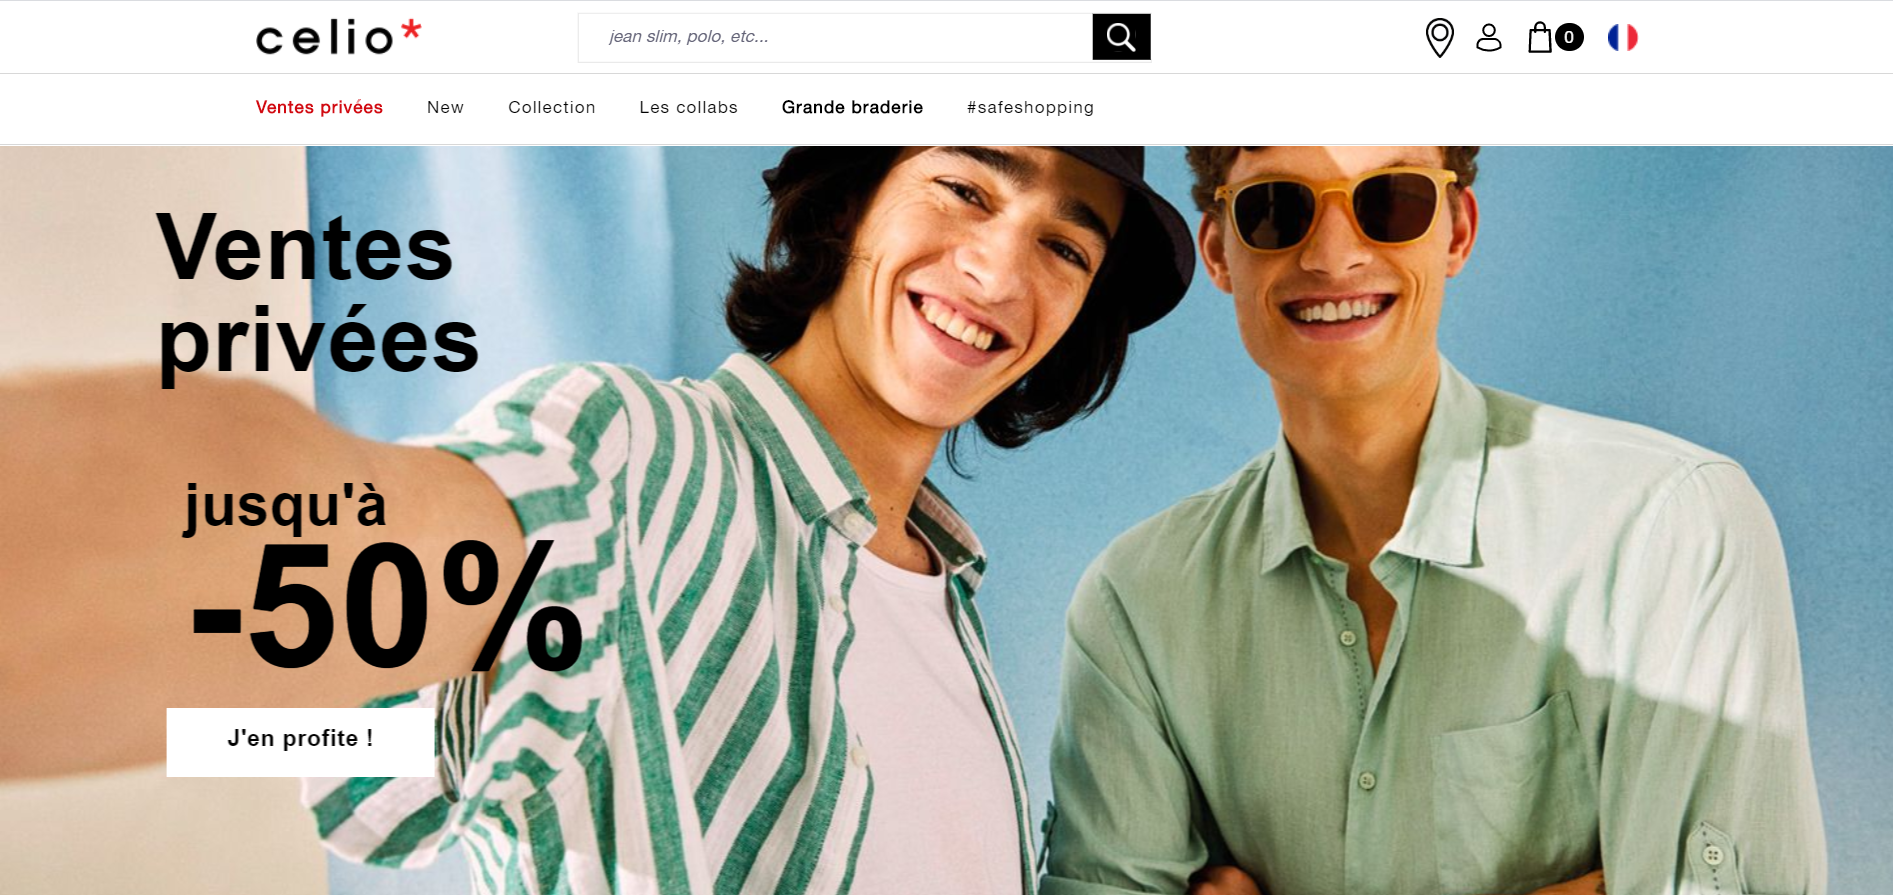 丹麦珠宝品牌 Pandora 上调第二季度利润预期:消费者回归速度快于预期